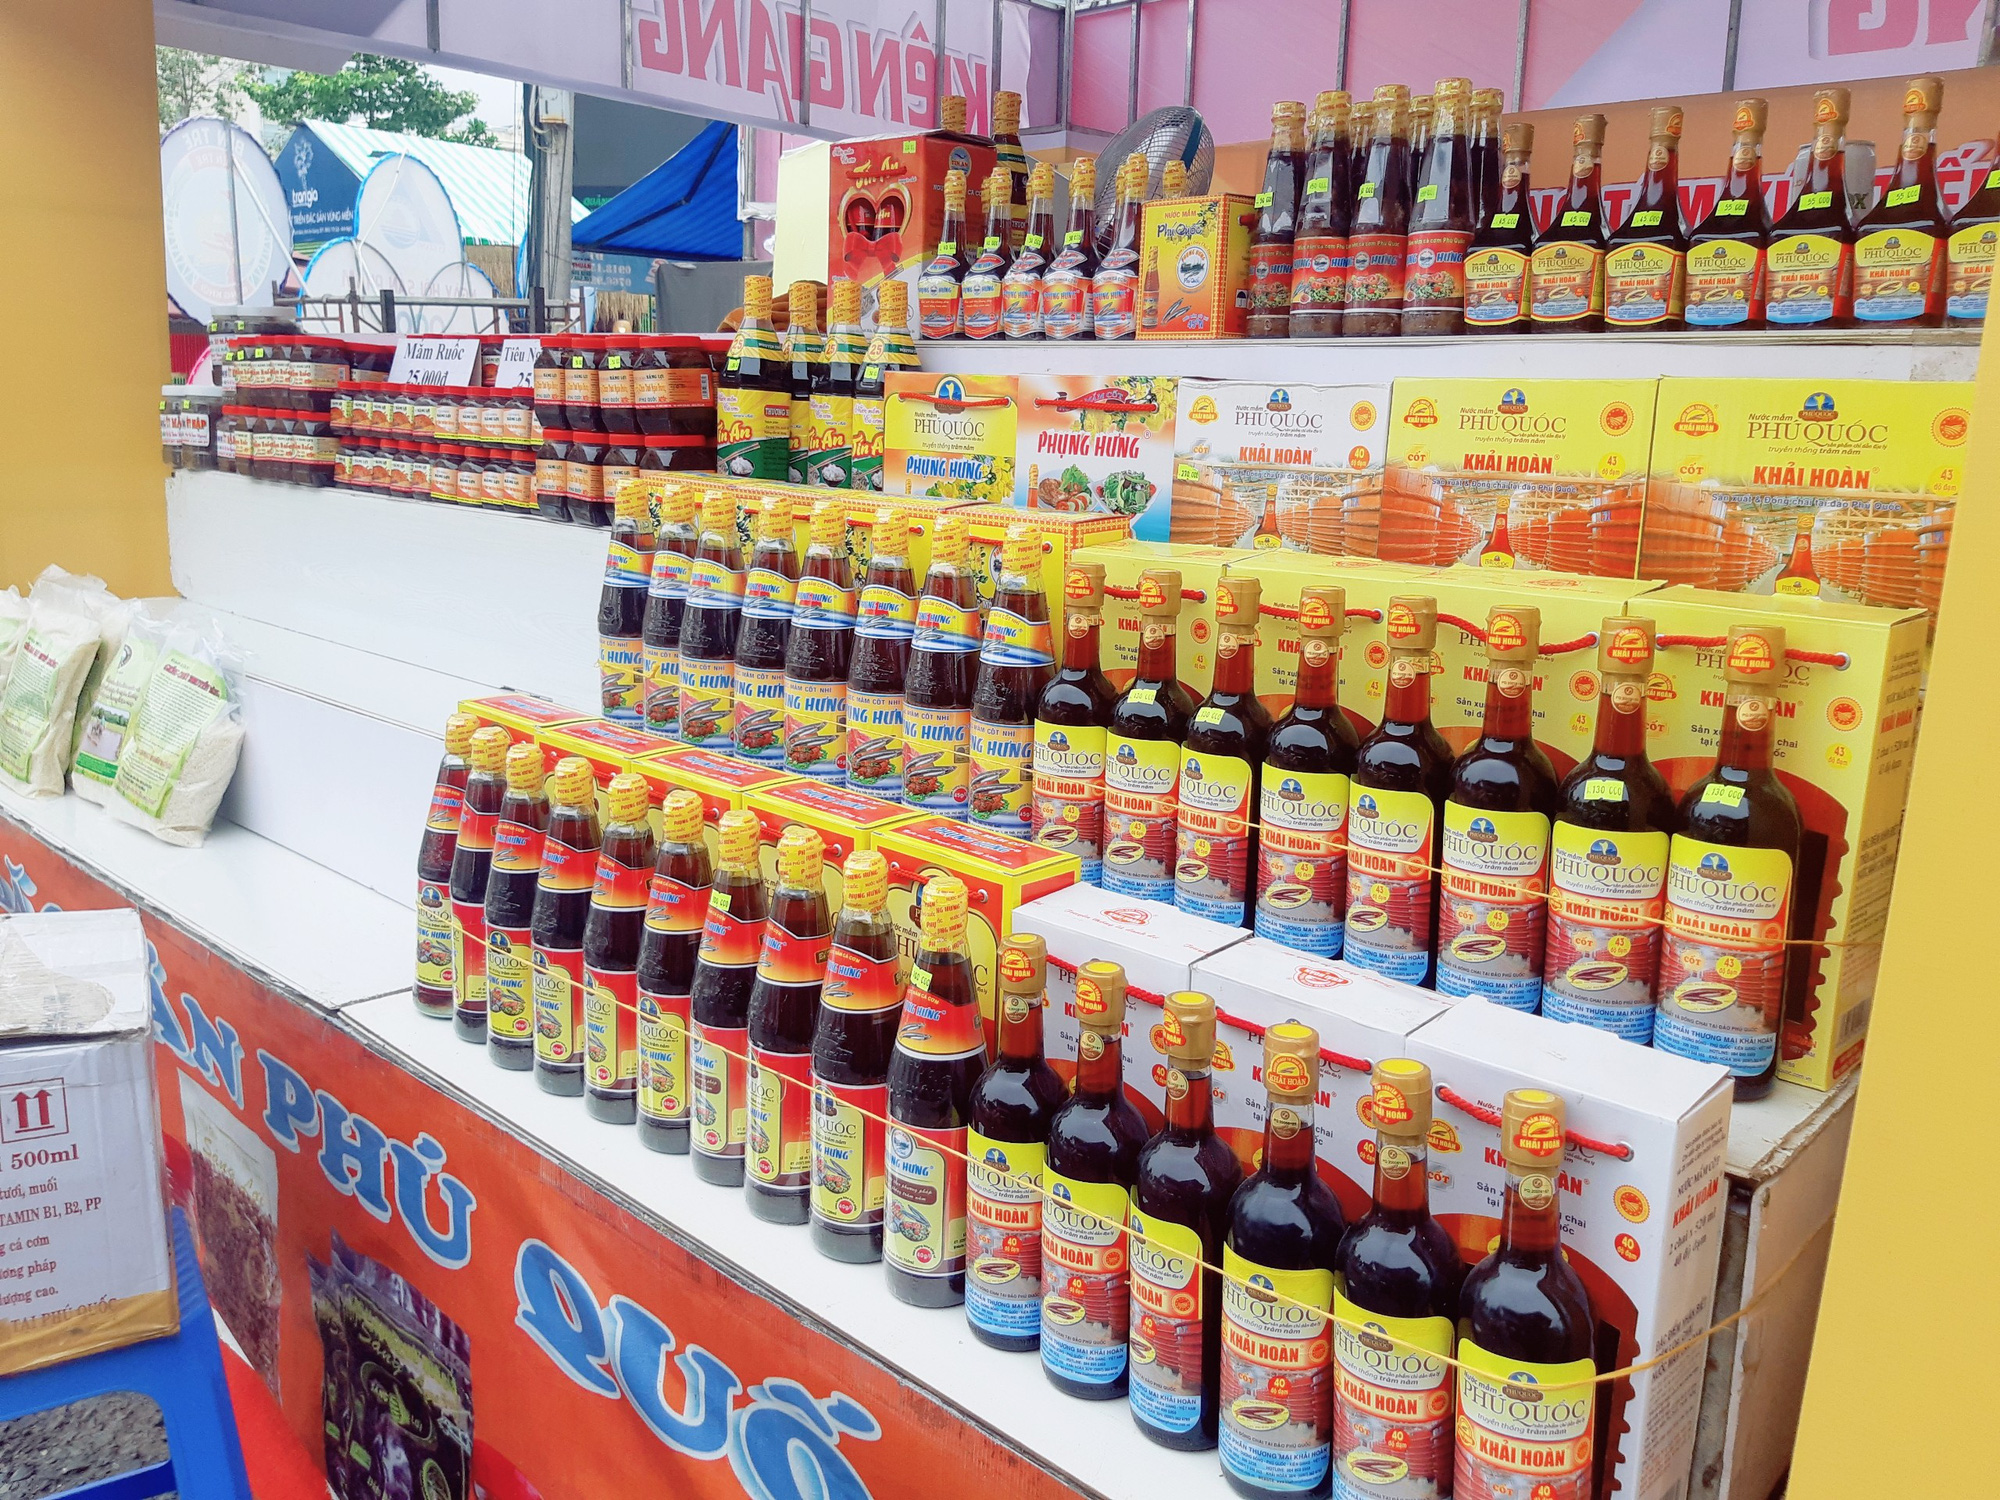 Sản phẩm OCOP 24 tỉnh, thành hội tụ tại Châu Đốc An Giang - Ảnh 17.